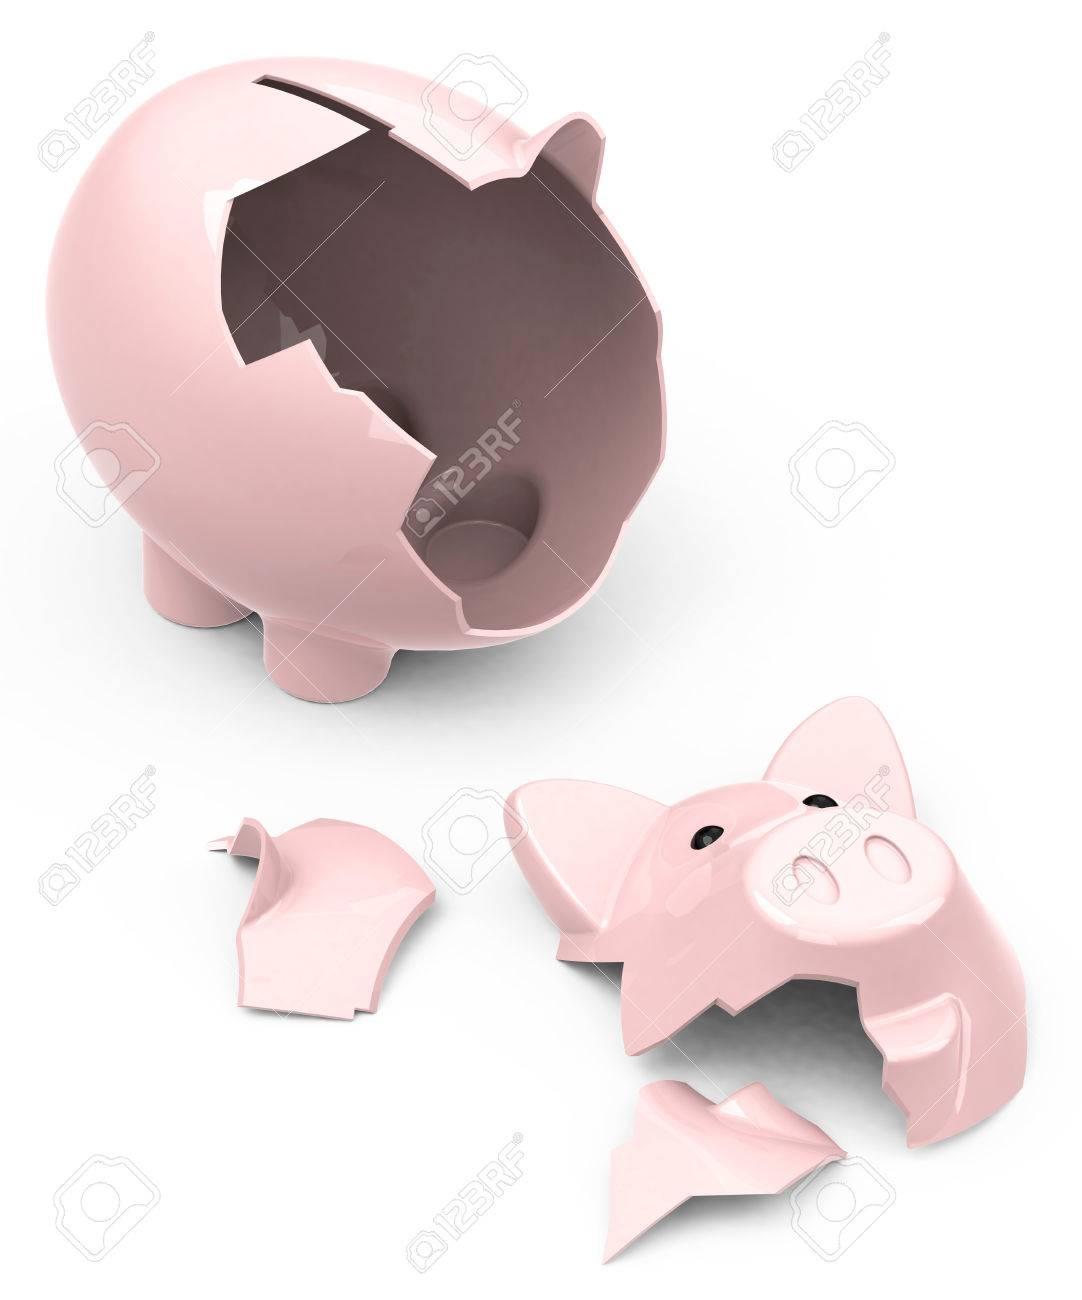 the broken piggy bank - 26451273